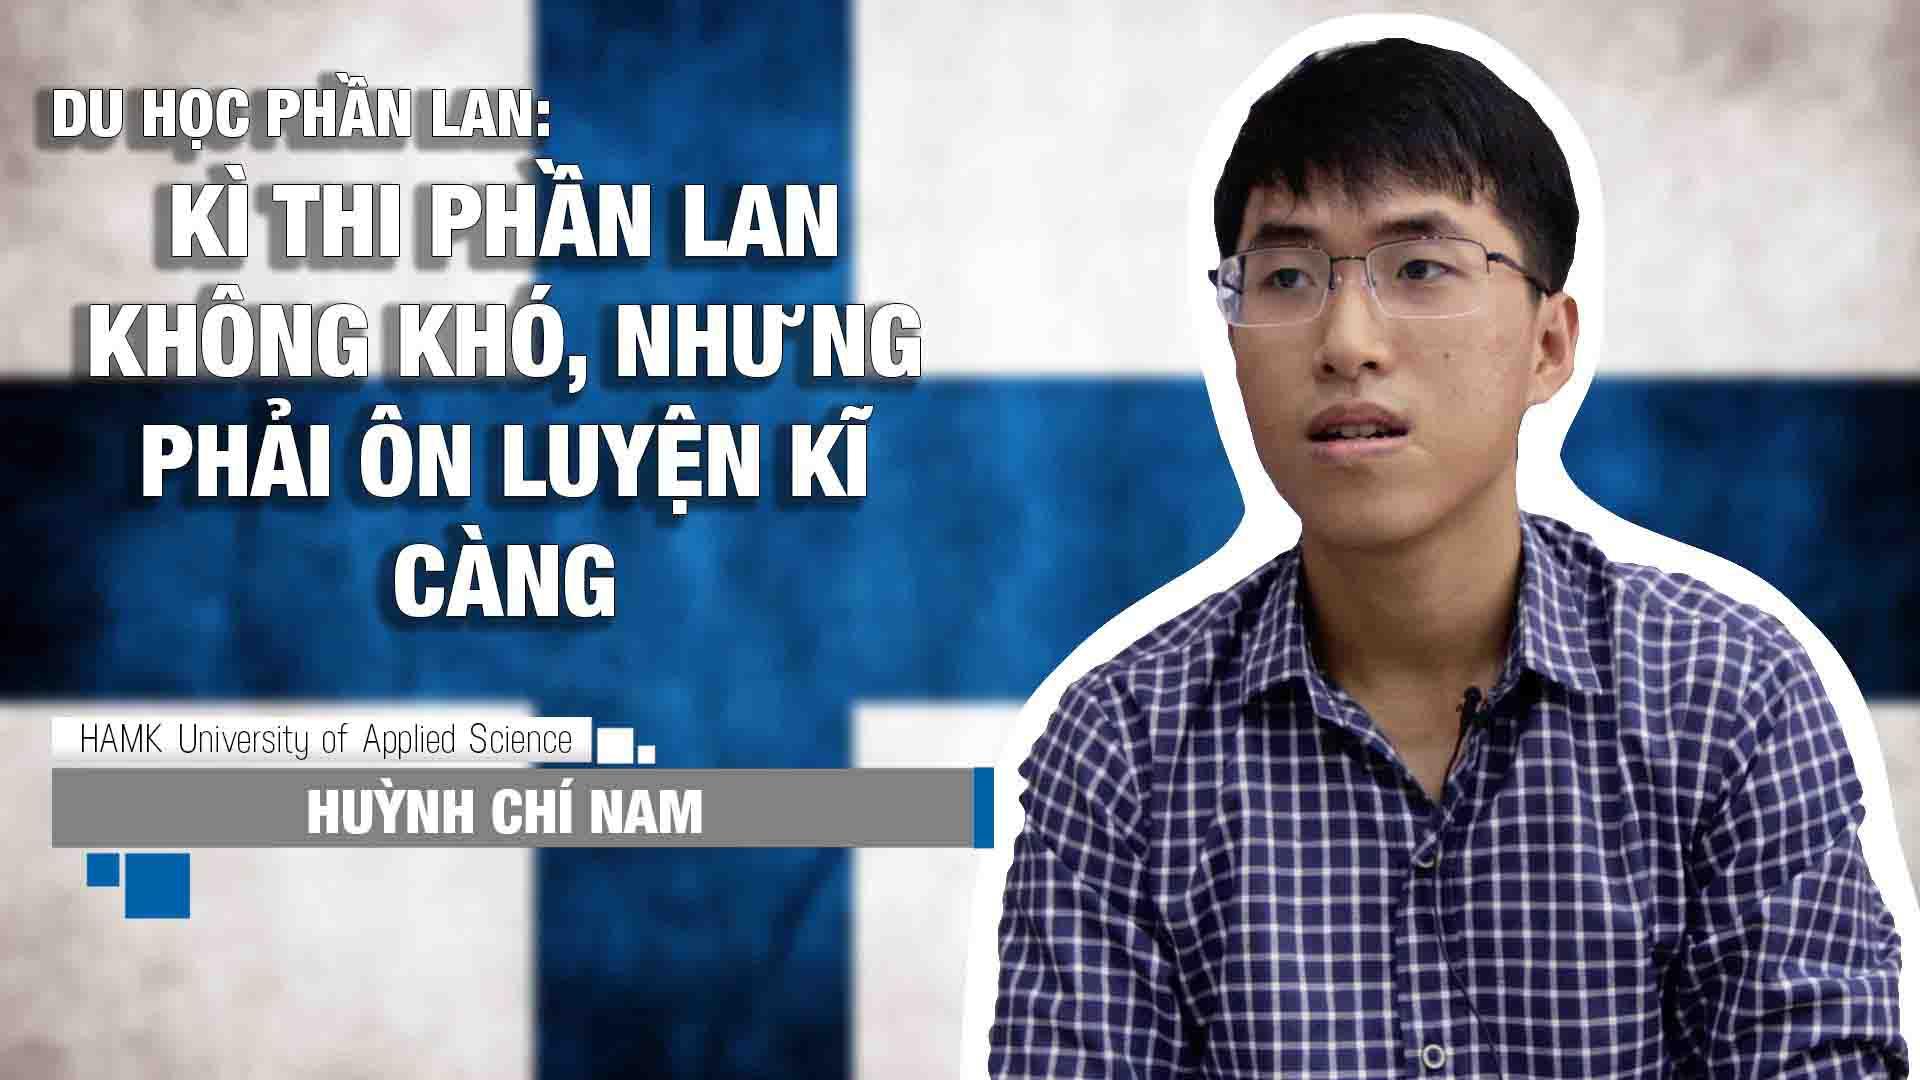 Chia sẻ của em Huỳnh Chí Nam, sinh viên ngành Kĩ sư điện tử và Tự động hóa tại Đại học HAMK Phần Lan. Chí Nam là một trong 115 sinh viên INEC đã xuất sắc vượt qua kì thi đầu vào cam go và đến với ngôi trường trong mơ trong kì nhập học tháng 9/2015.